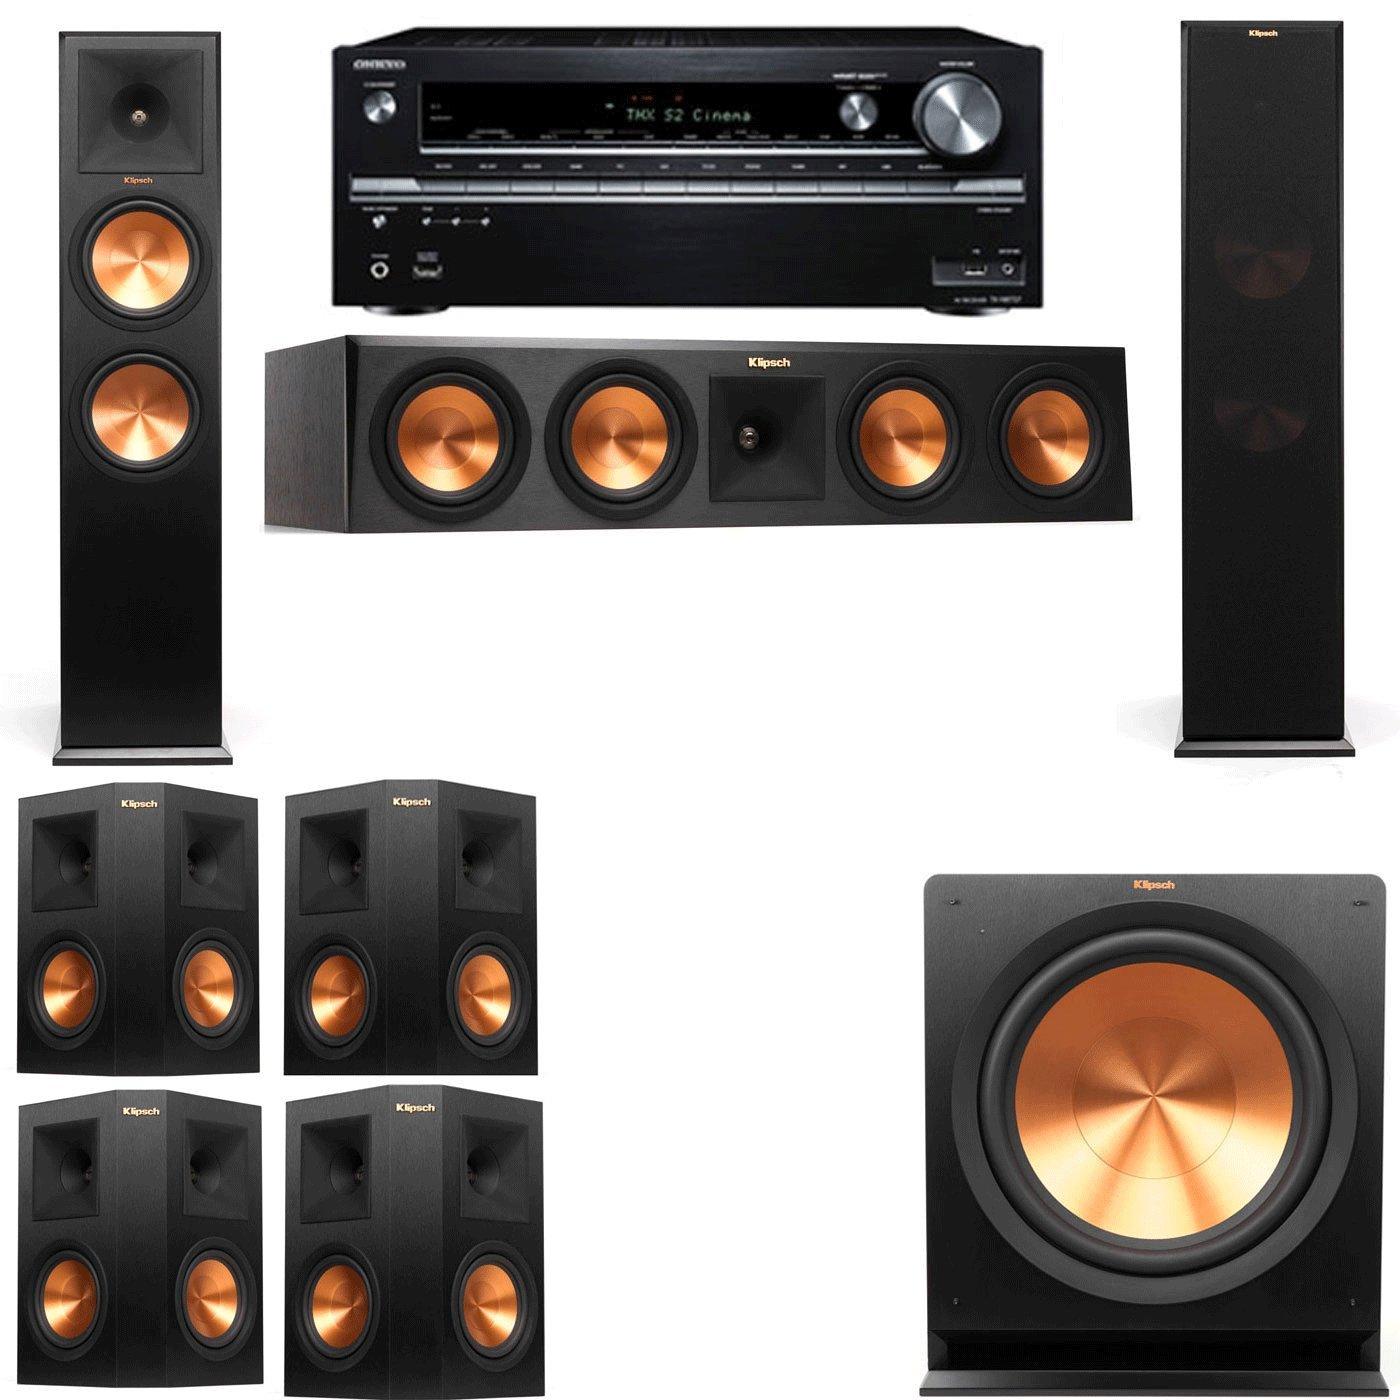 Klipsch RP-280F Tower Speakers-7.1-Onkyo TX-NR838